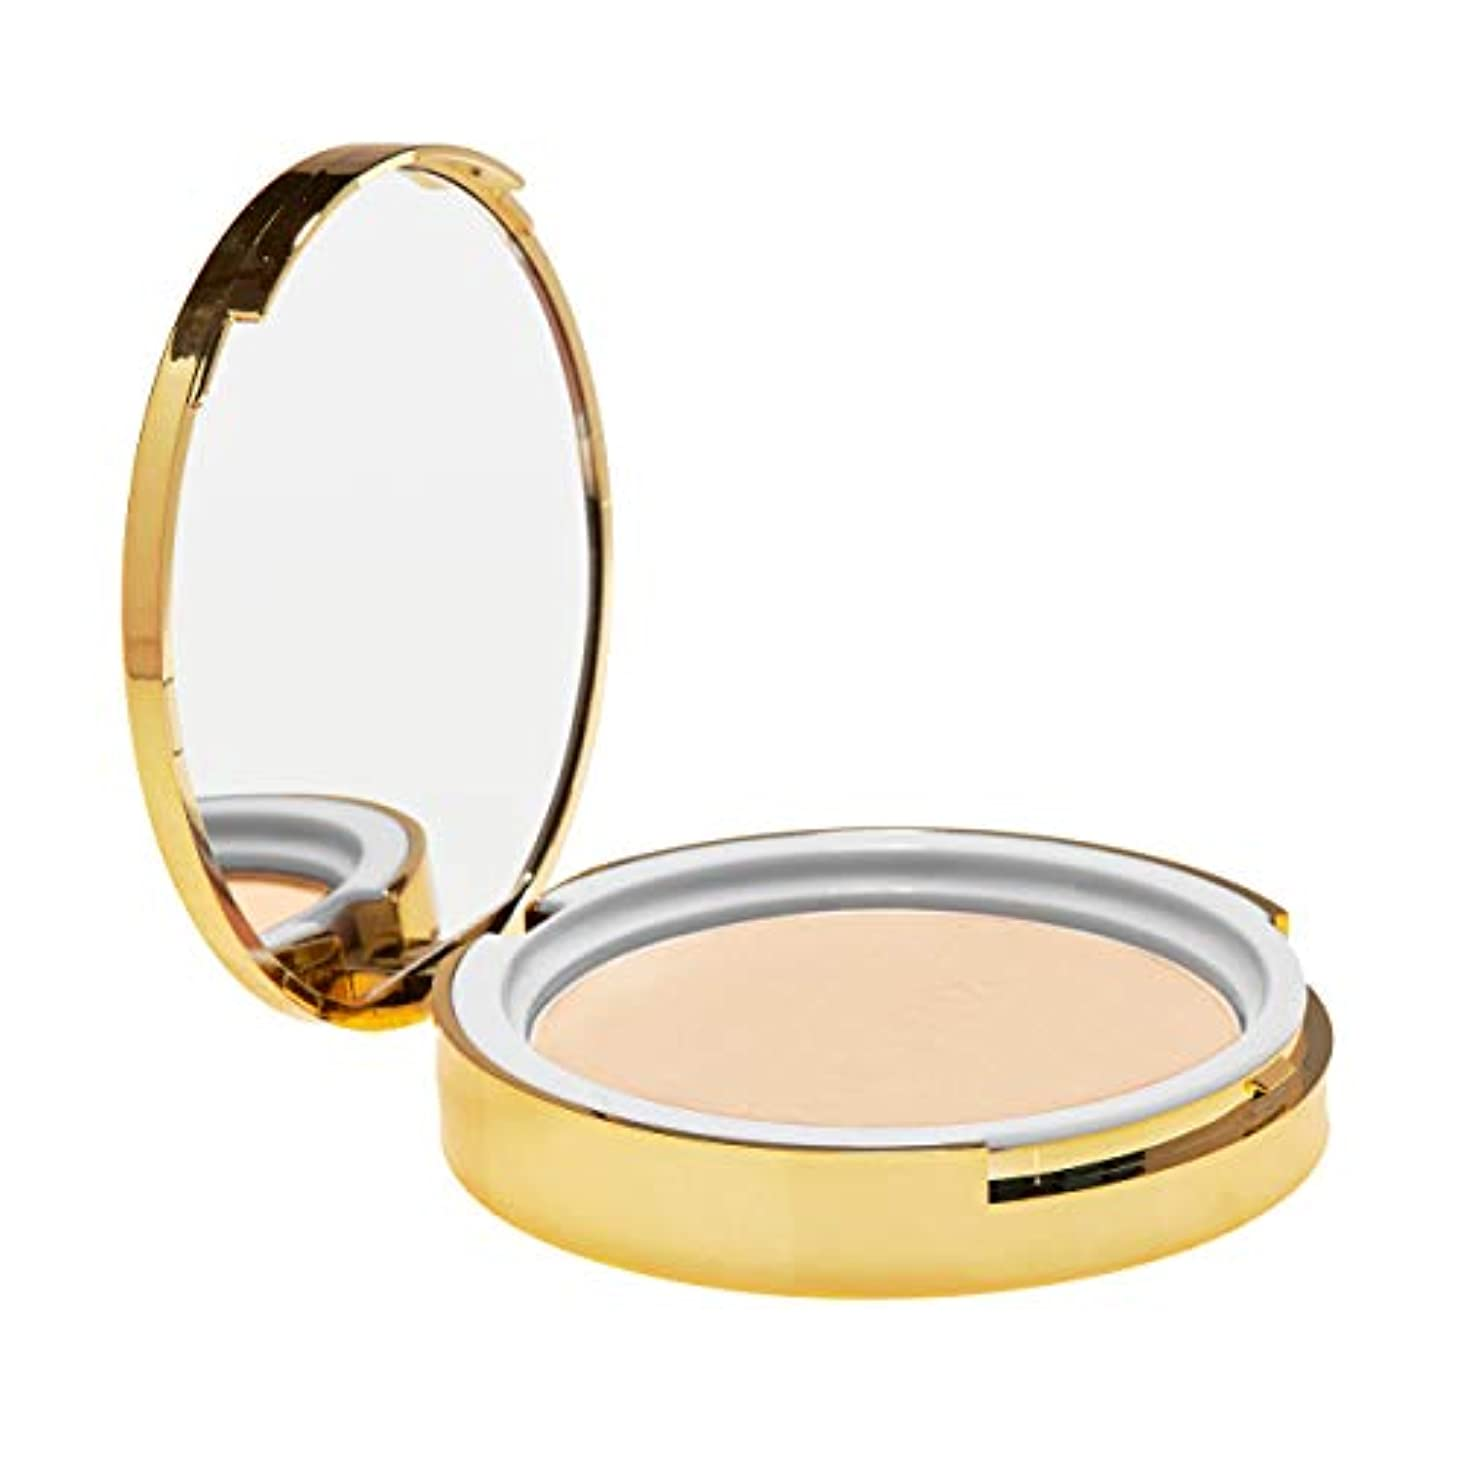 カレッジ種をまく星Winky Lux Diamond Powders Foundation - # Light 8g/0.28oz並行輸入品